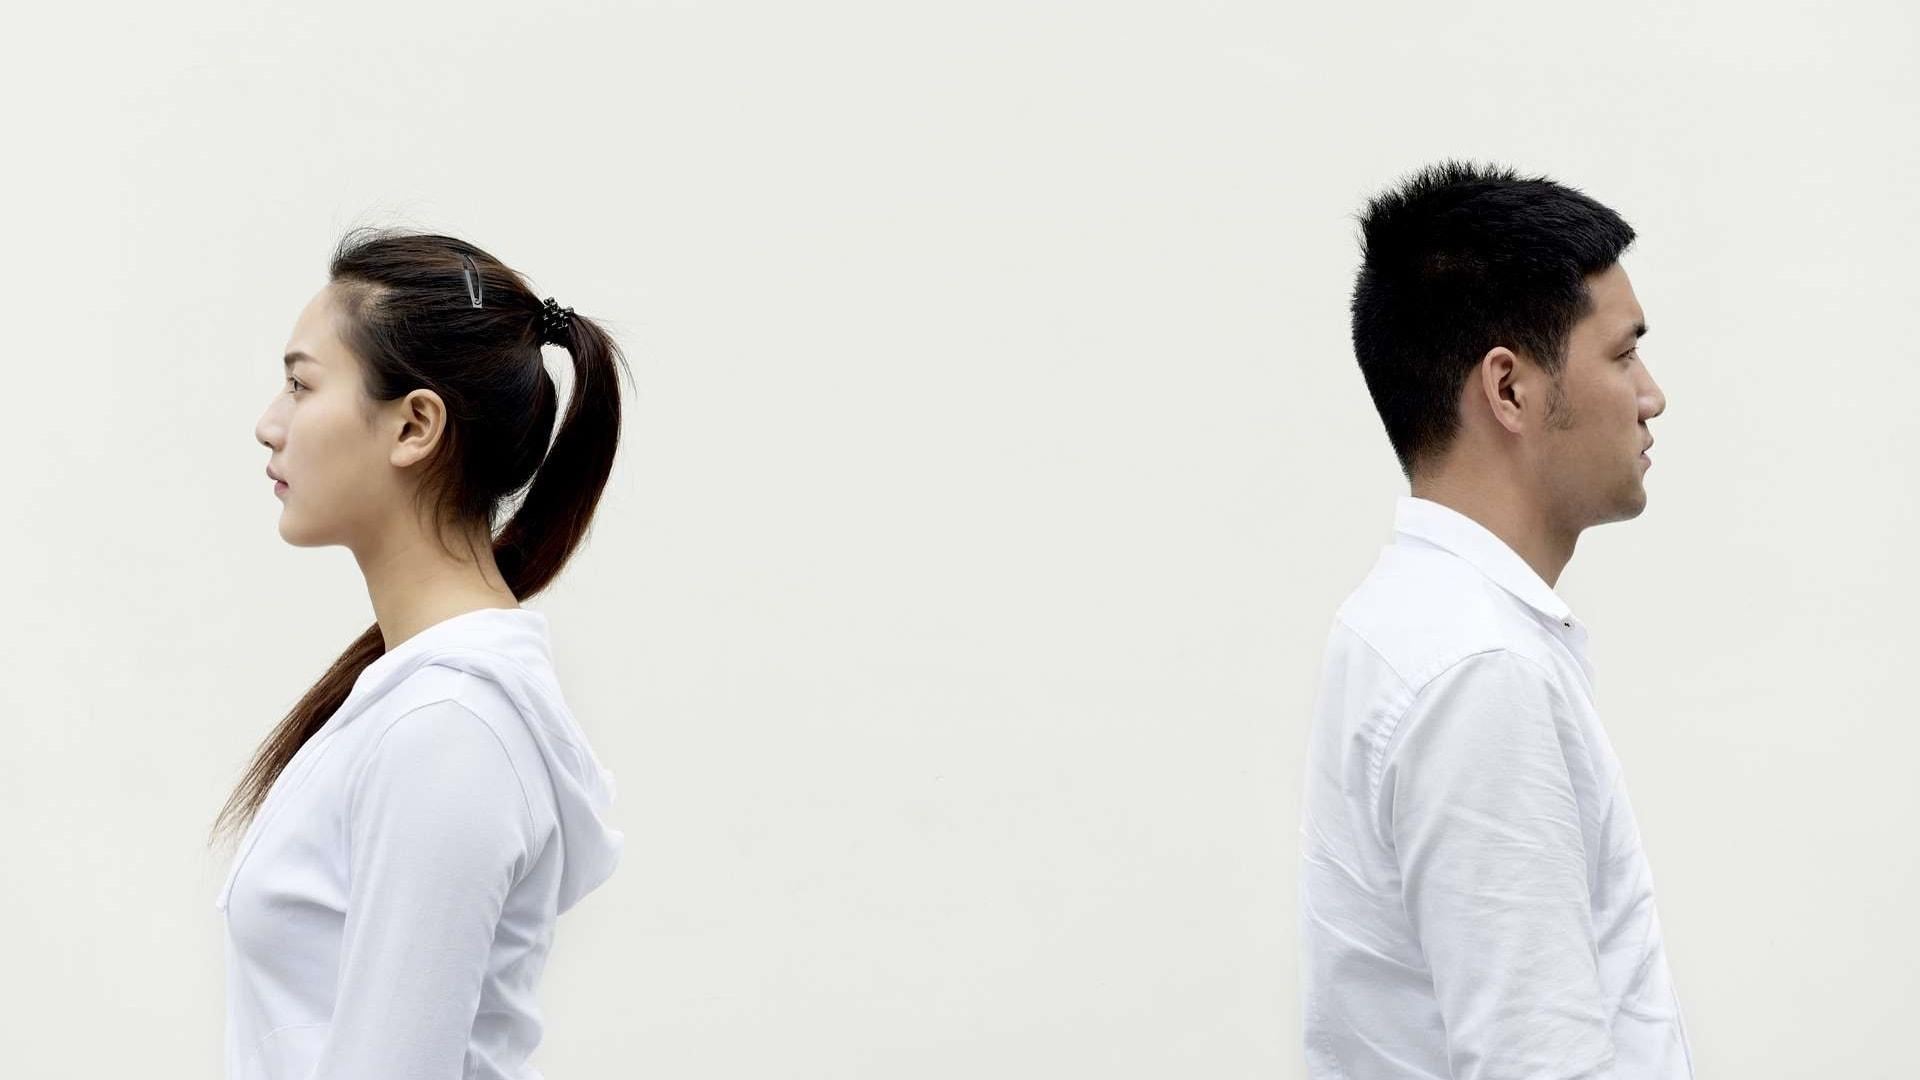 Микроглия усугубляет женскую боль